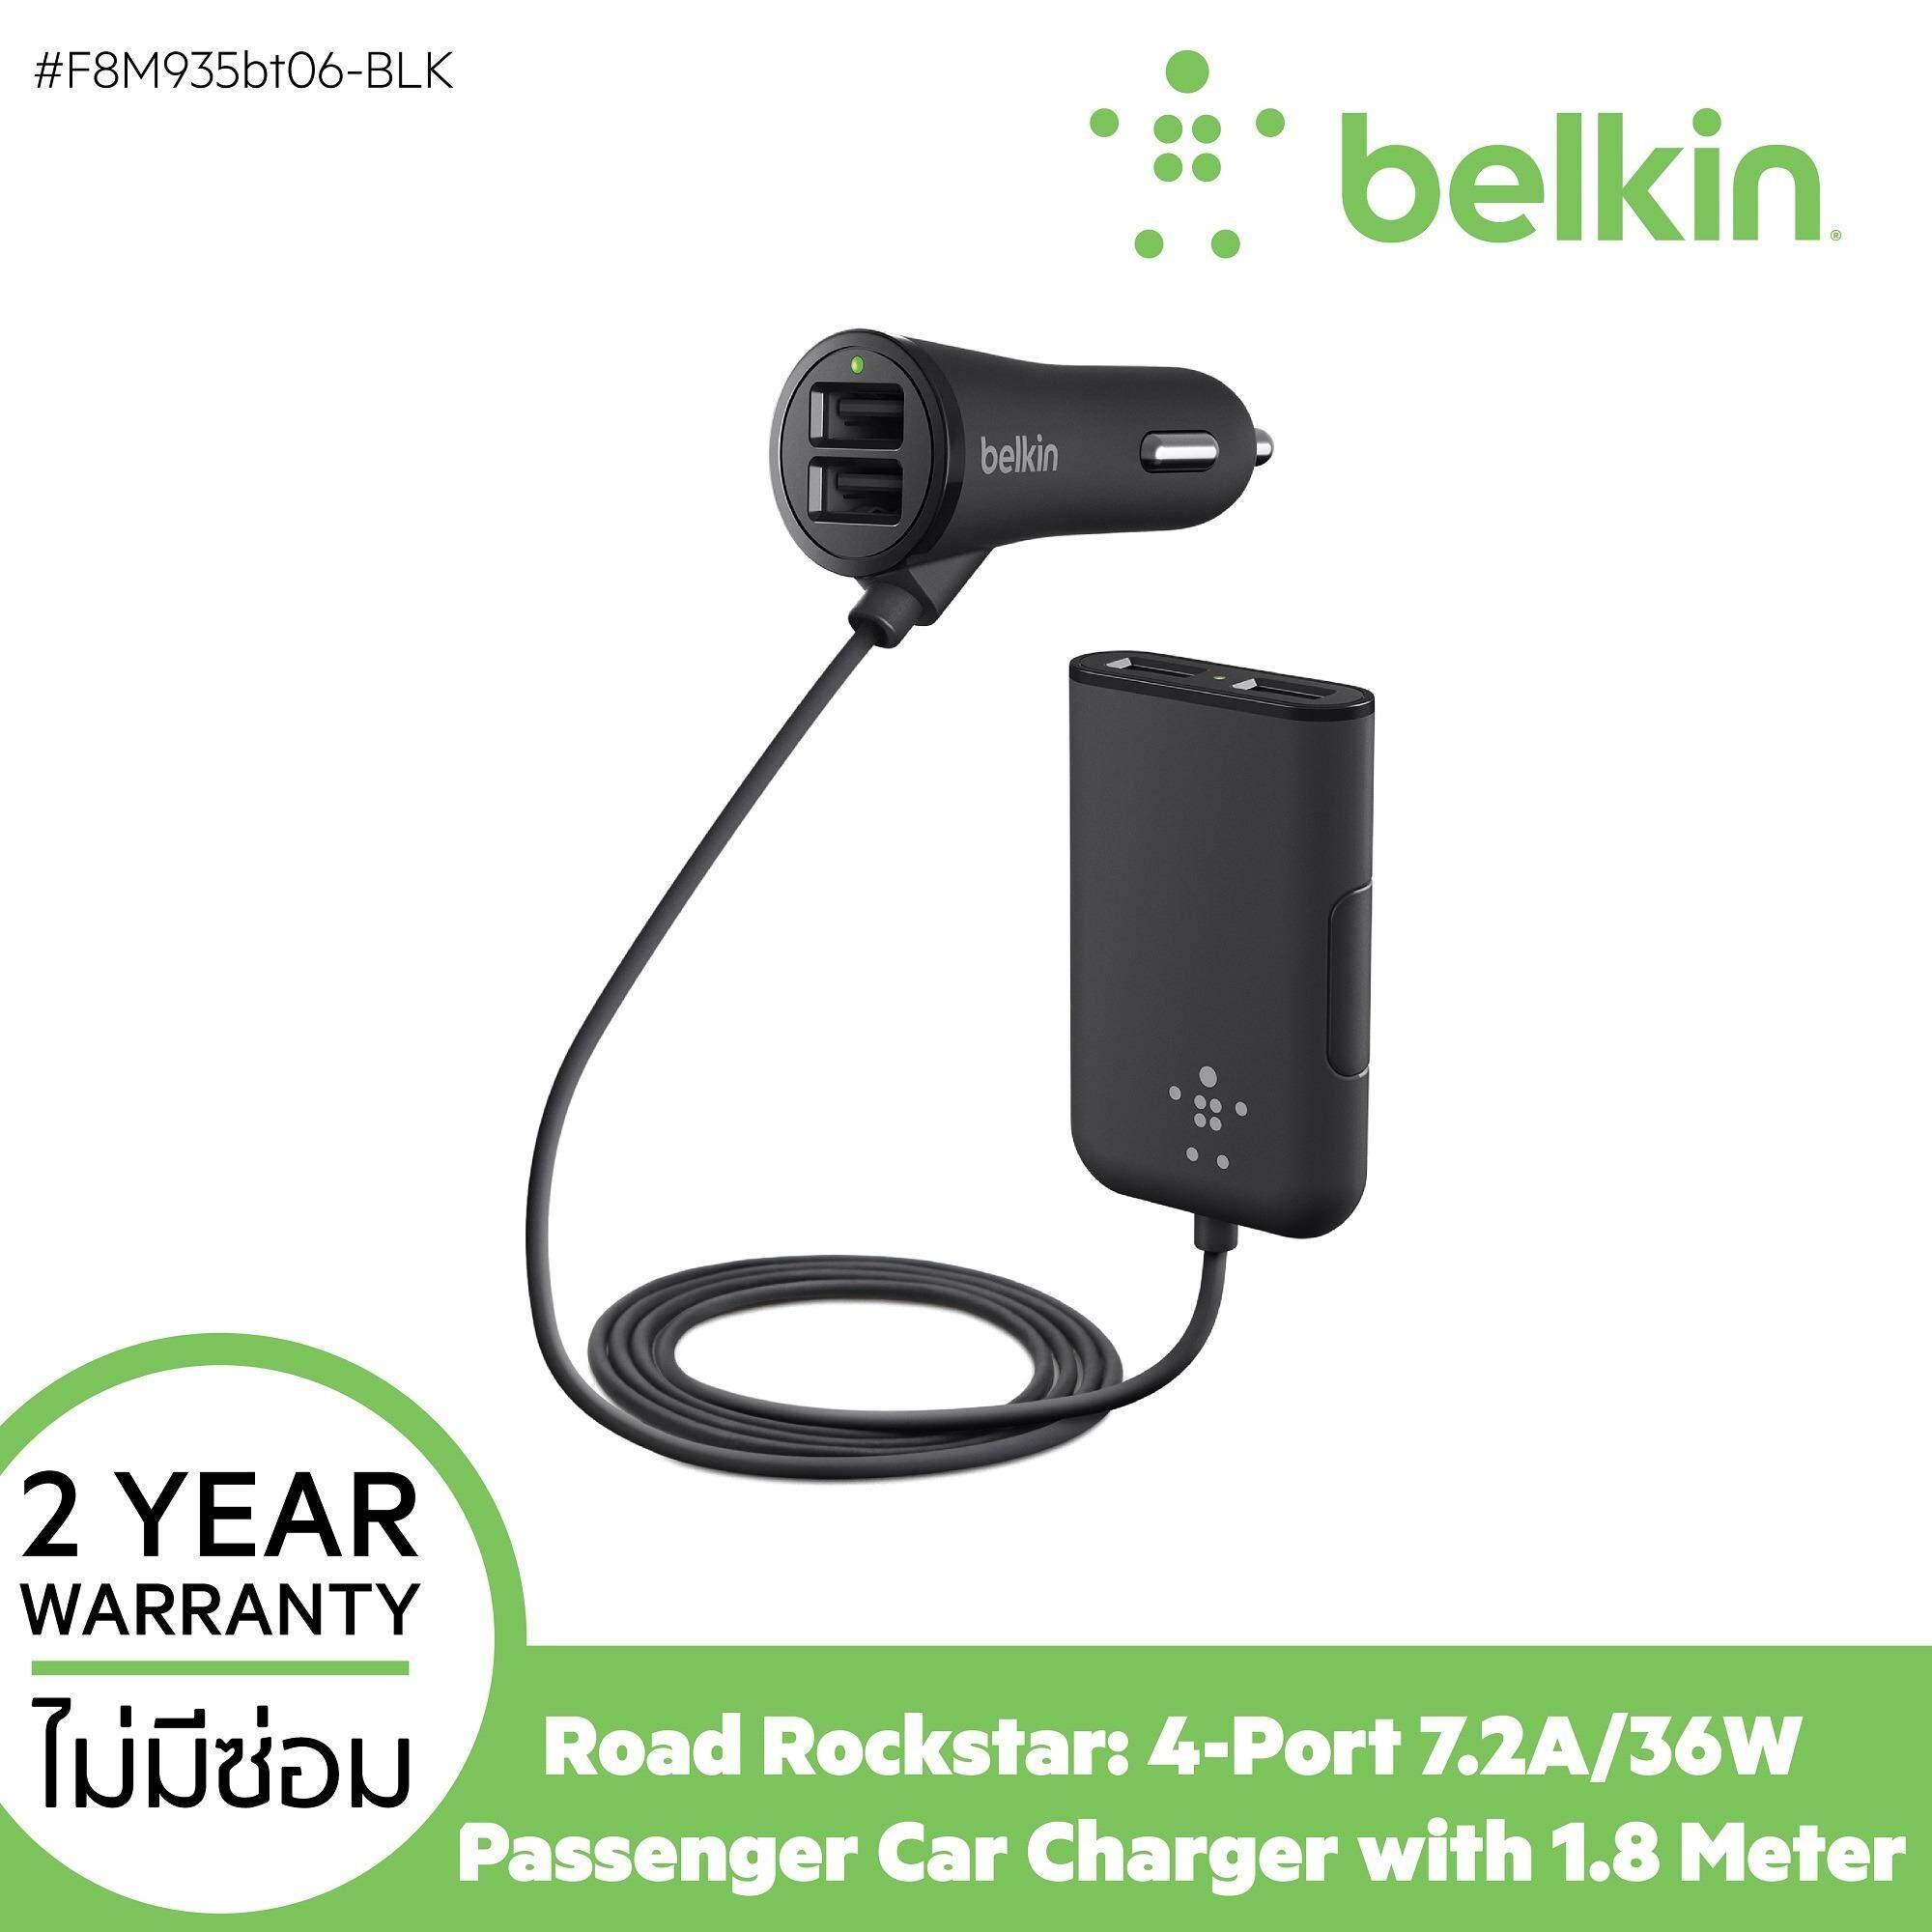 ซื้อ Belkin 4 Port Car Charger F8M935Bt06 Blk เบลคิน หัวชาร์จ ที่ชาร์จ ในรถยนต์ 4 พอร์ต พร้อมวงเงินรับประกันสุงสุด 80 000 บาท ถูก กรุงเทพมหานคร